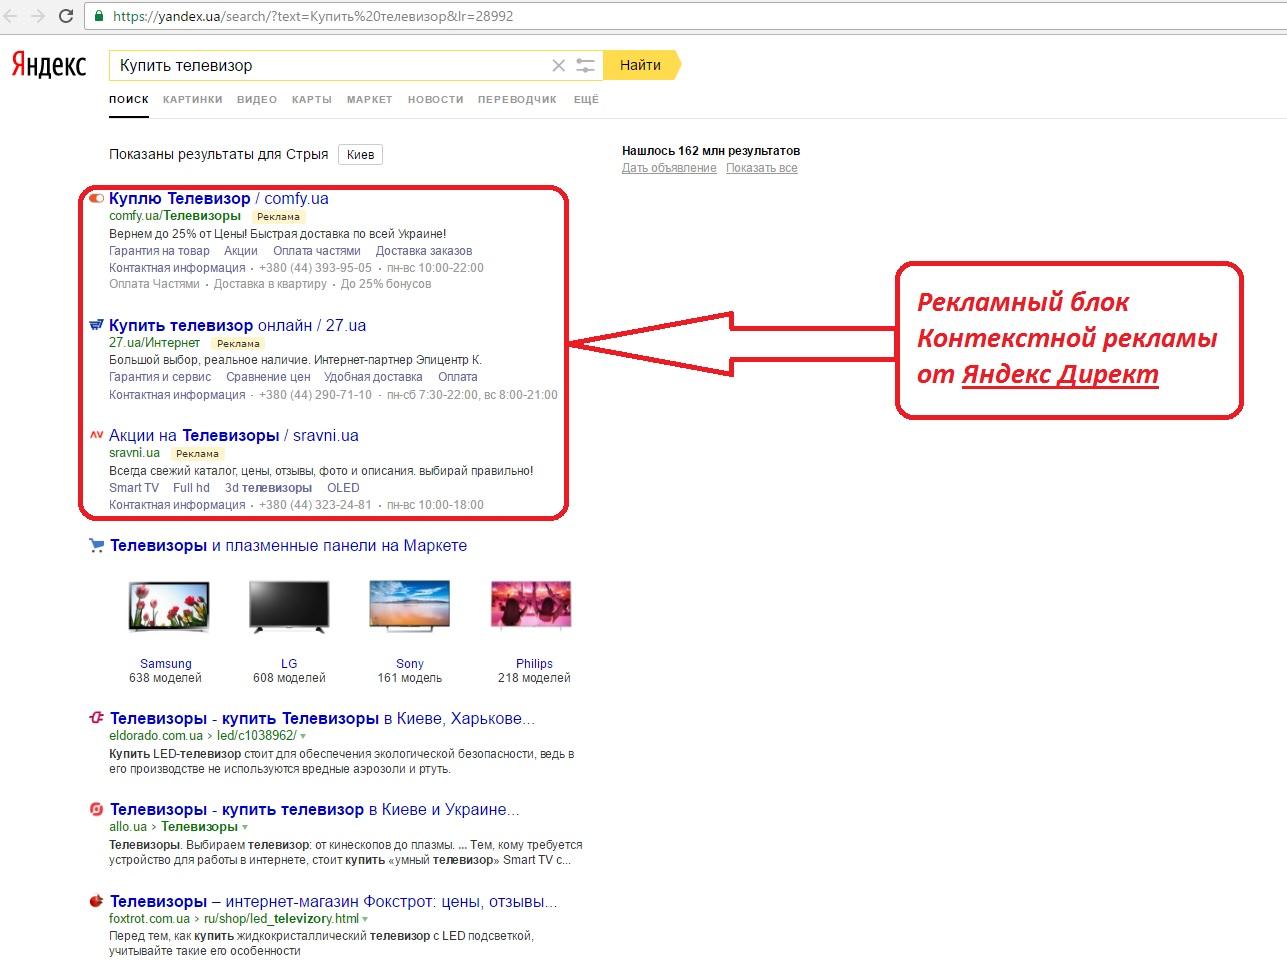 фото контекстная реклама в Яндекс